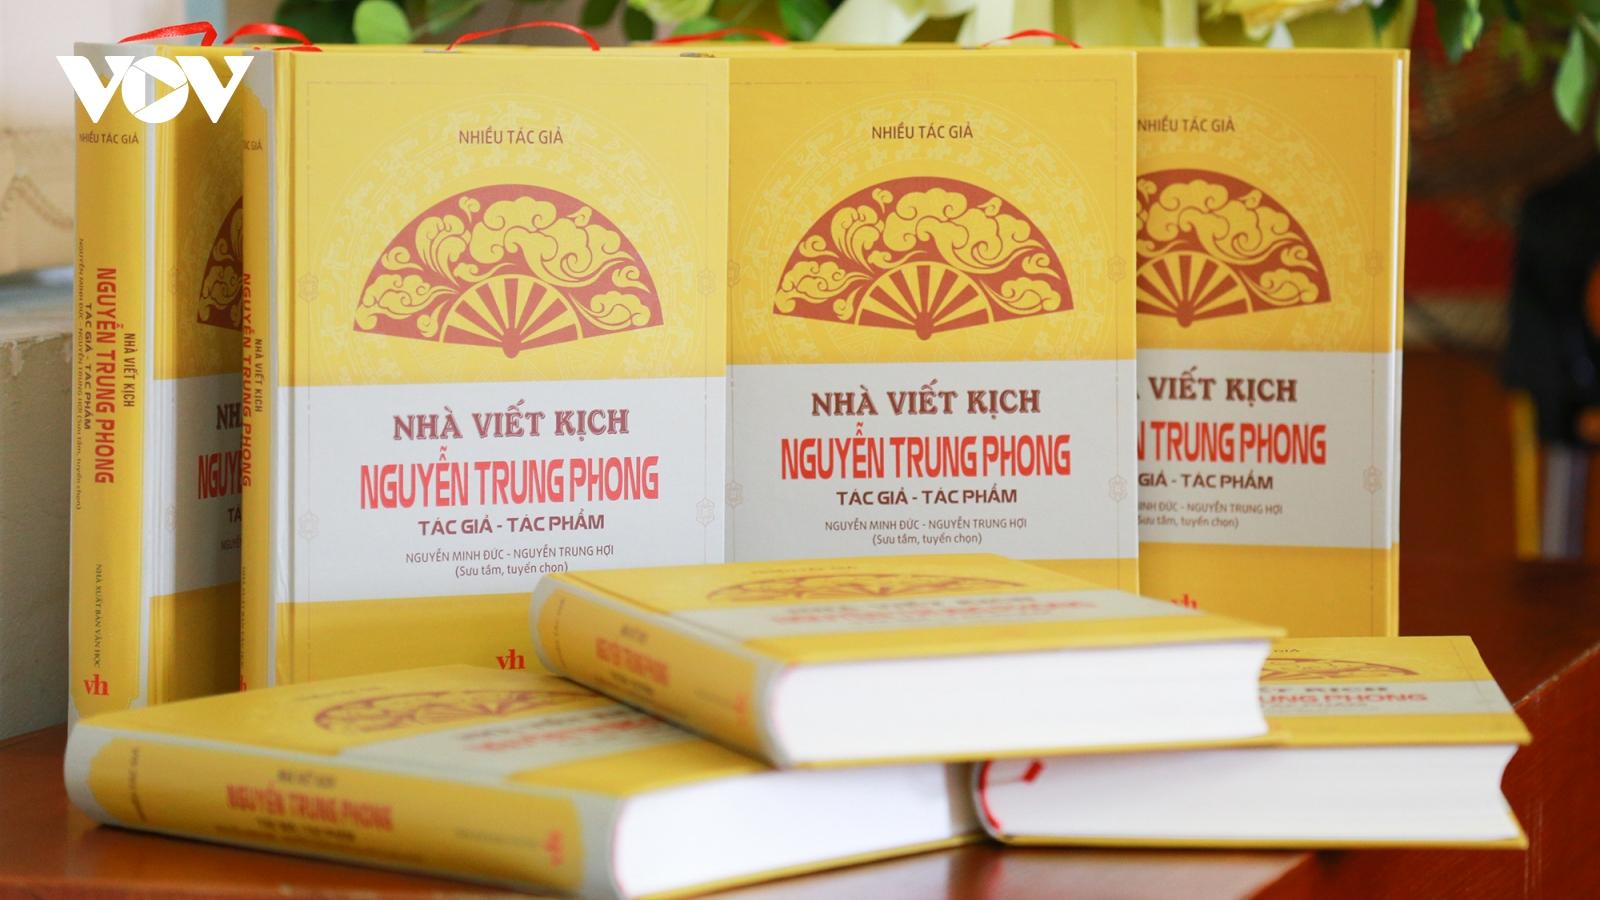 Nhà viết kịch Nguyễn Trung Phong trọn đời tận hiến cho kịch, hát Ví, Giặm